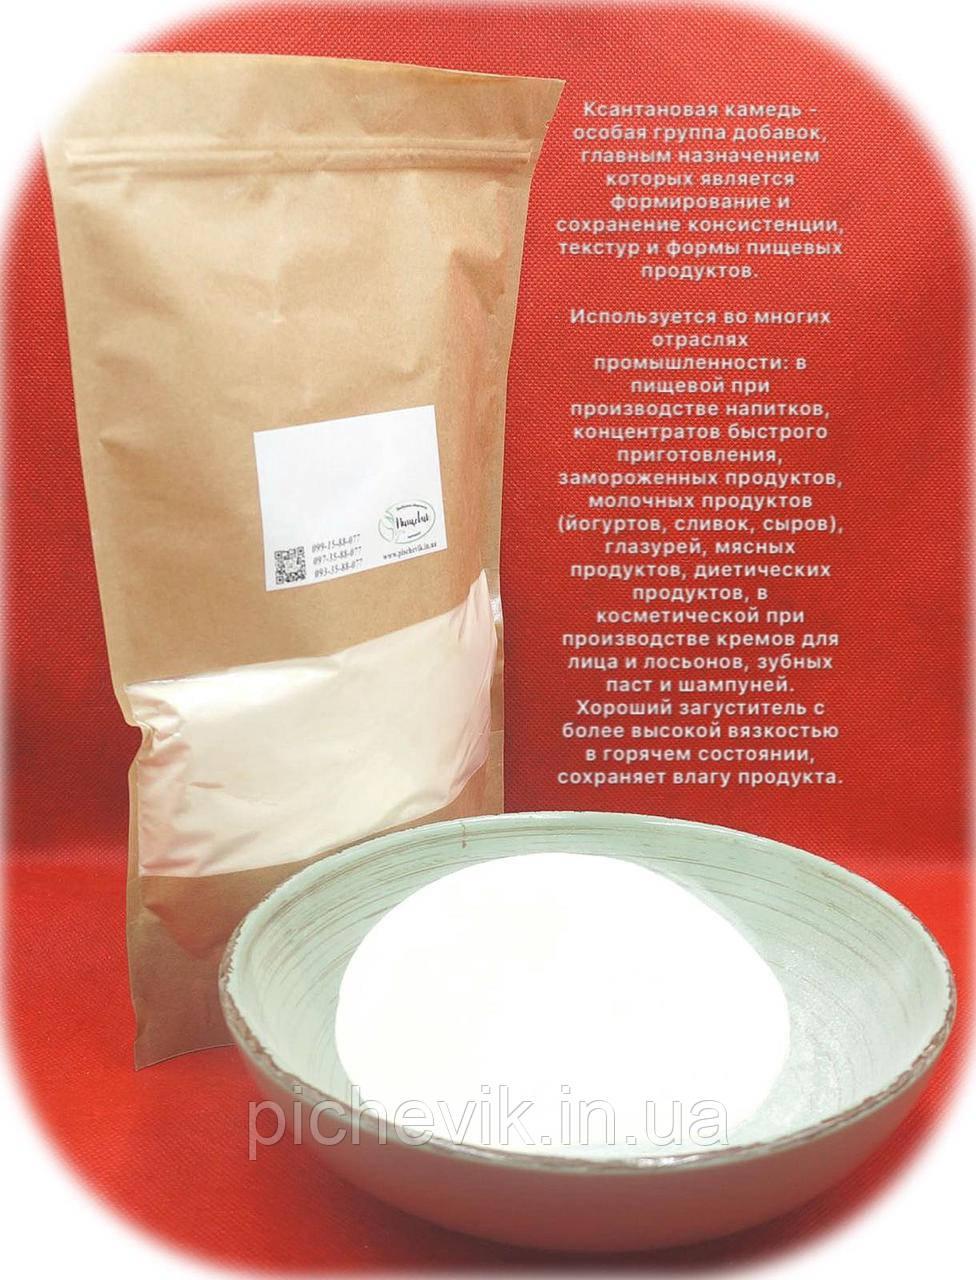 Ксантанова камедь (Е415) Китай. Вес:1 кг